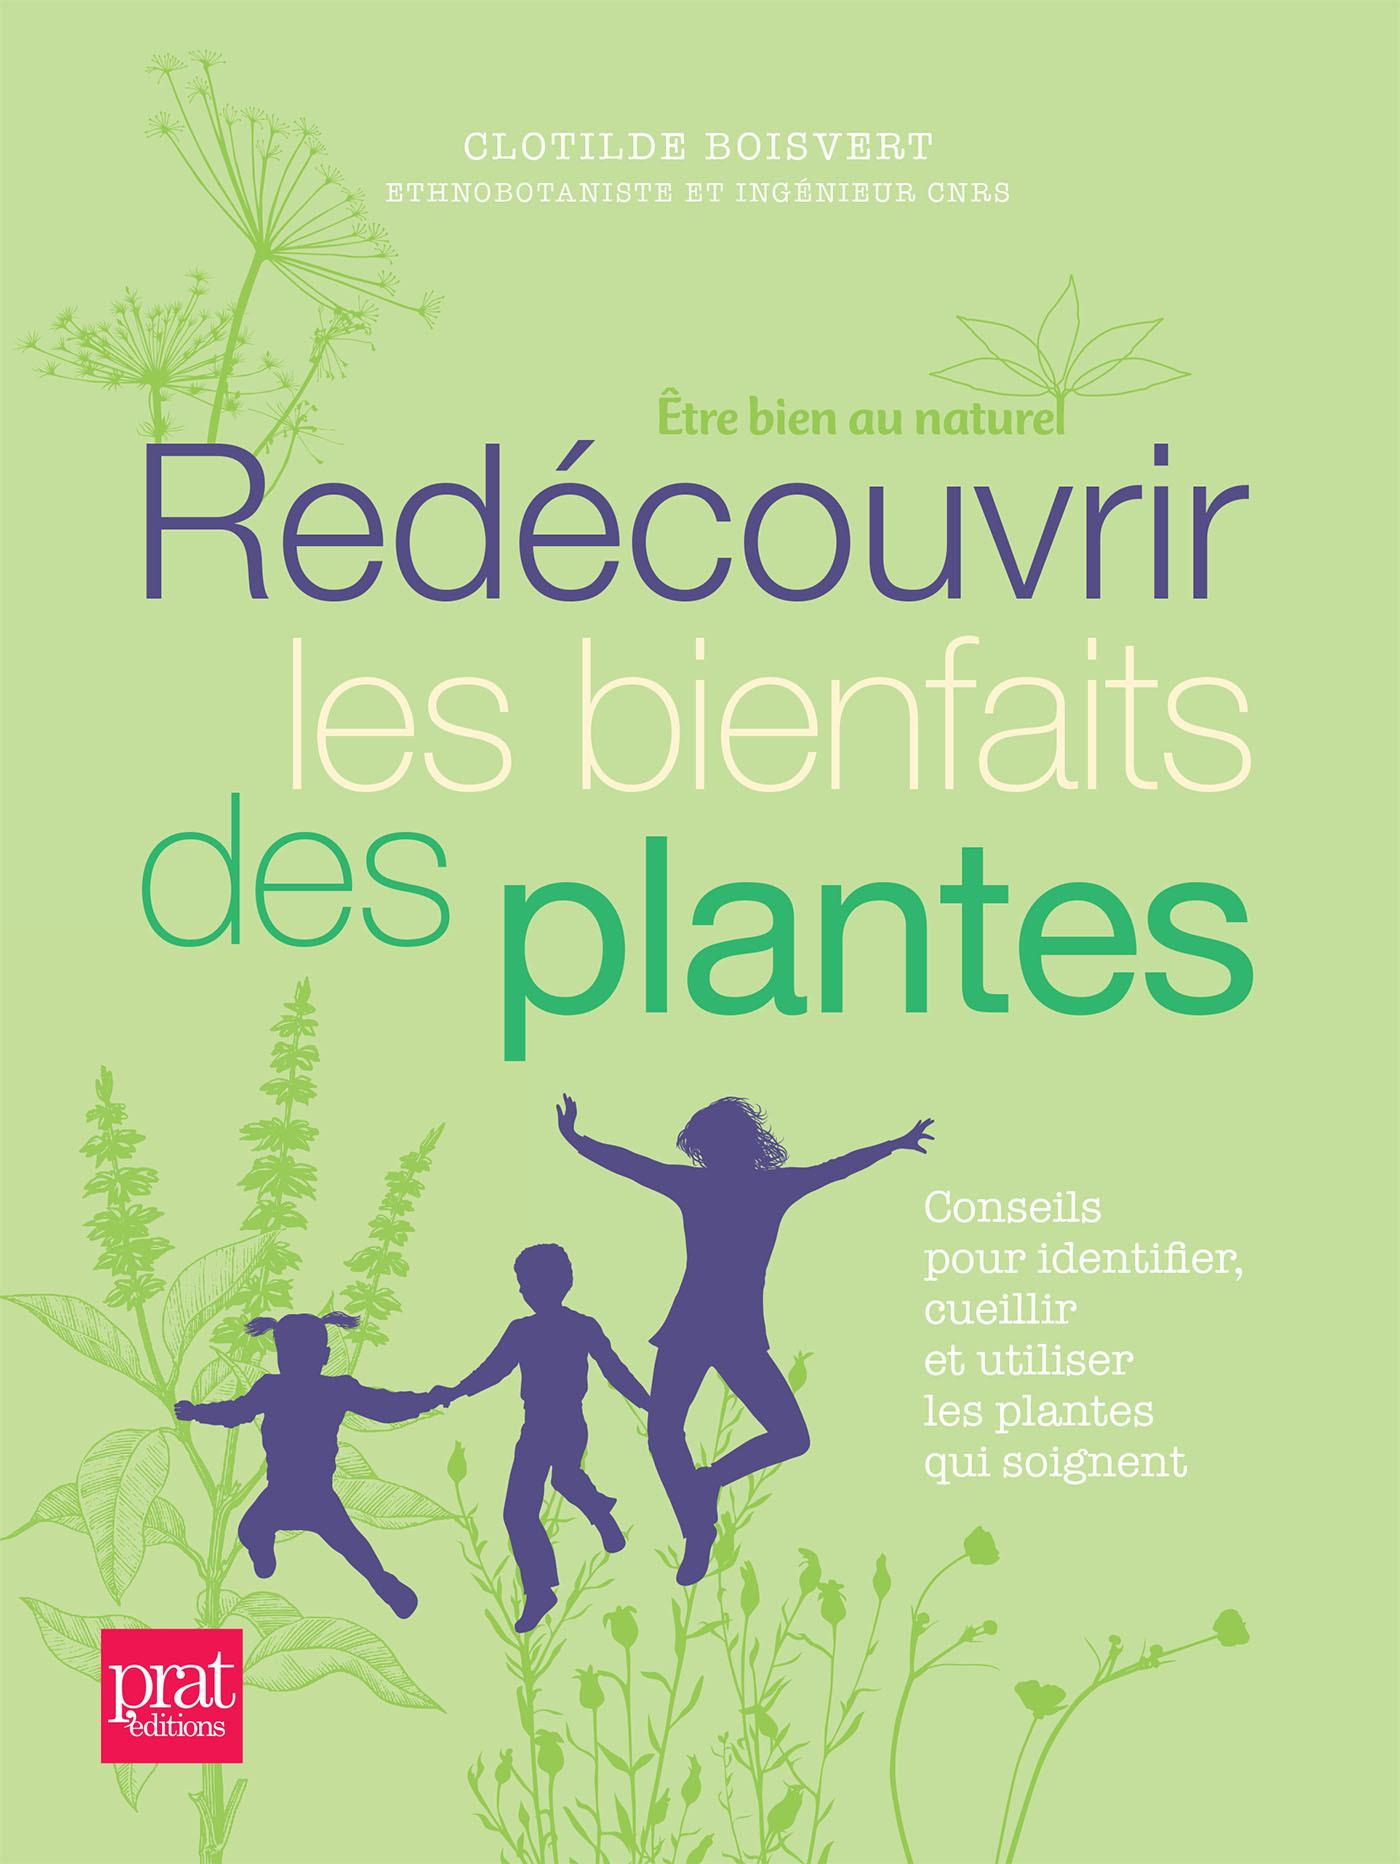 REDECOUVRIR LES BIENFAITS DES PLANTES